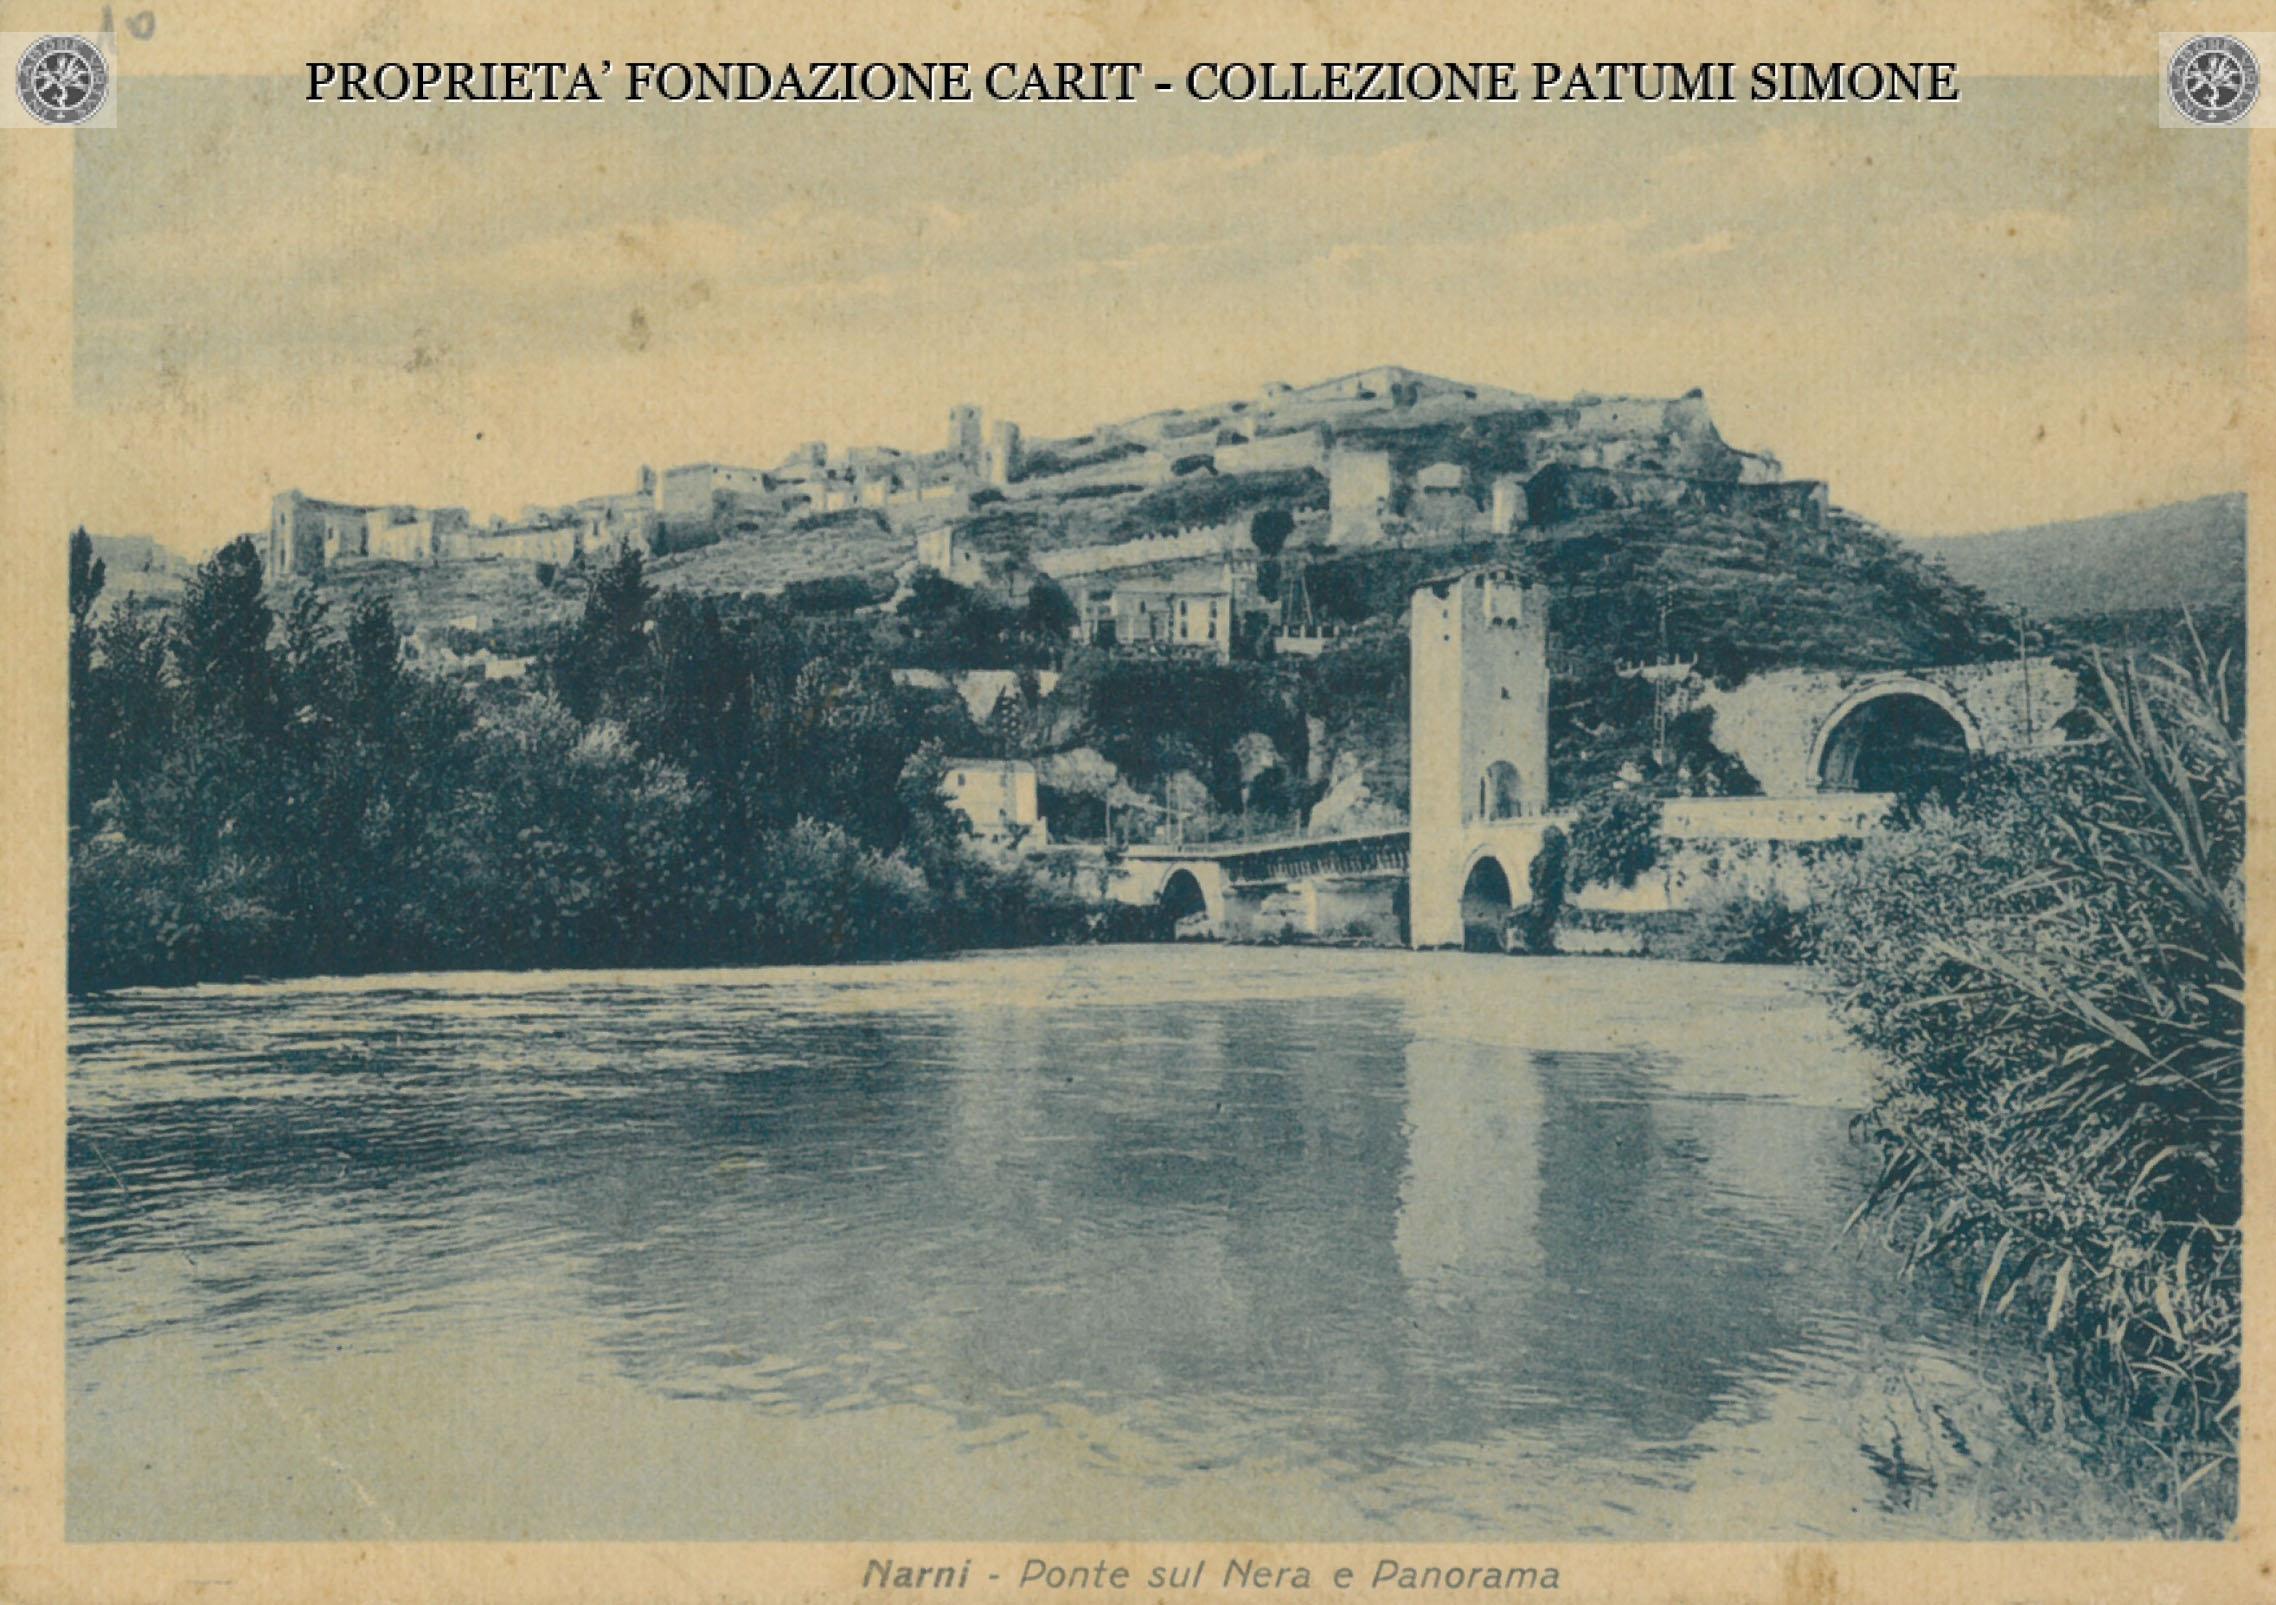 1938 Narni Collection Patumi Simone, Cassa di Risparmio di Narni e Terni